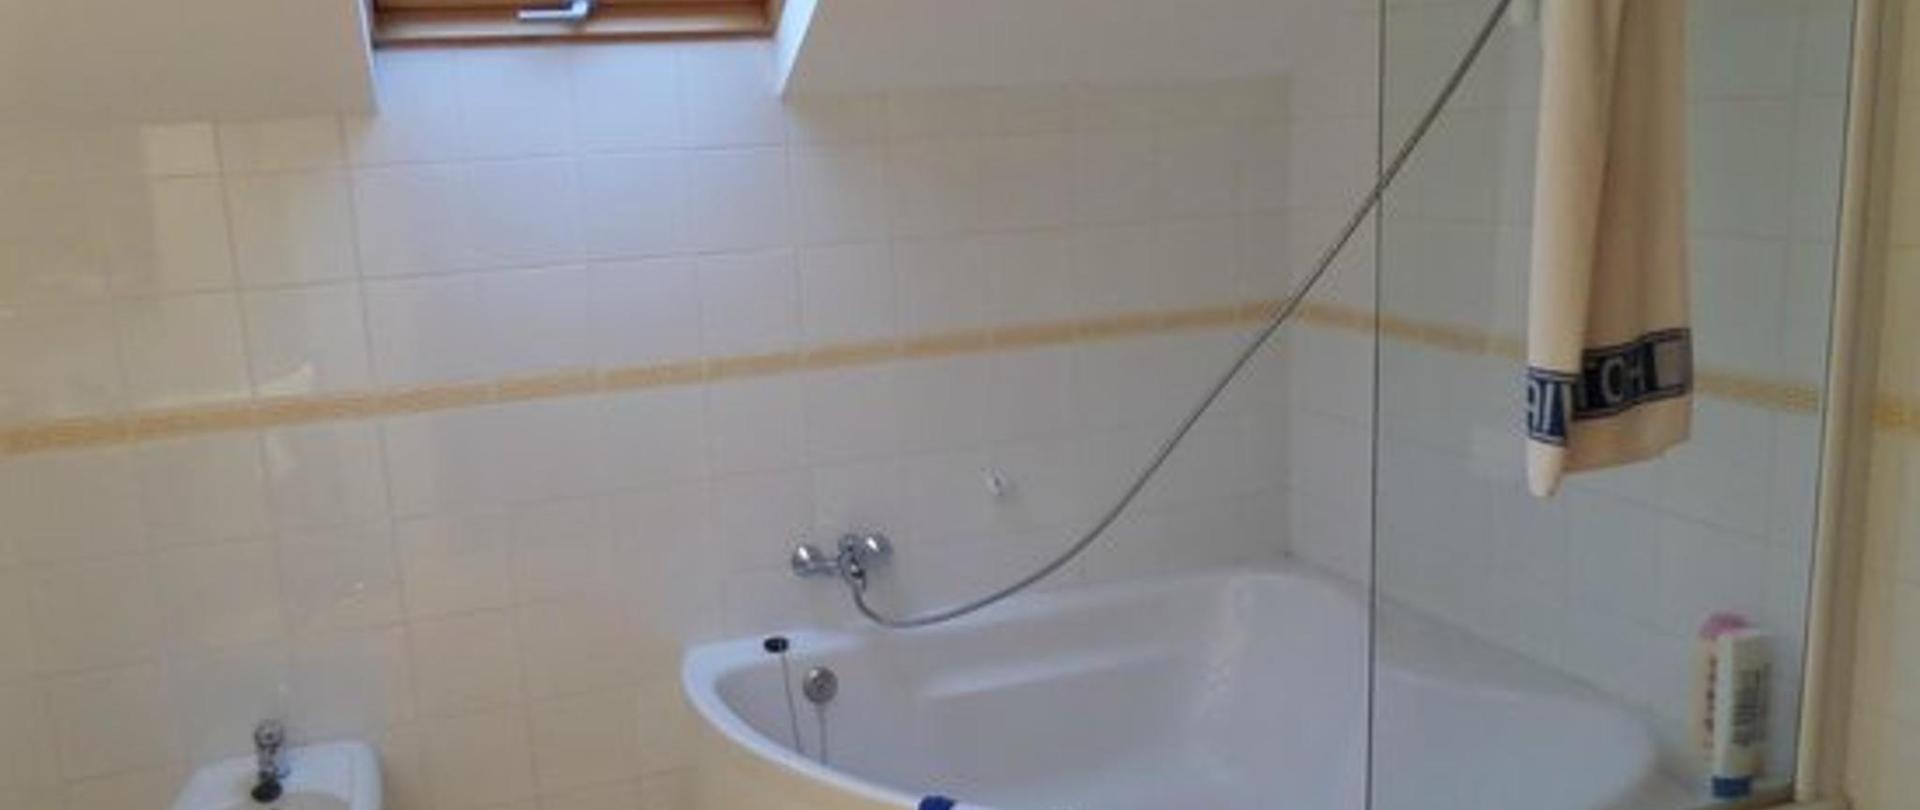 hotel-vialmar-meis-baño.jpg